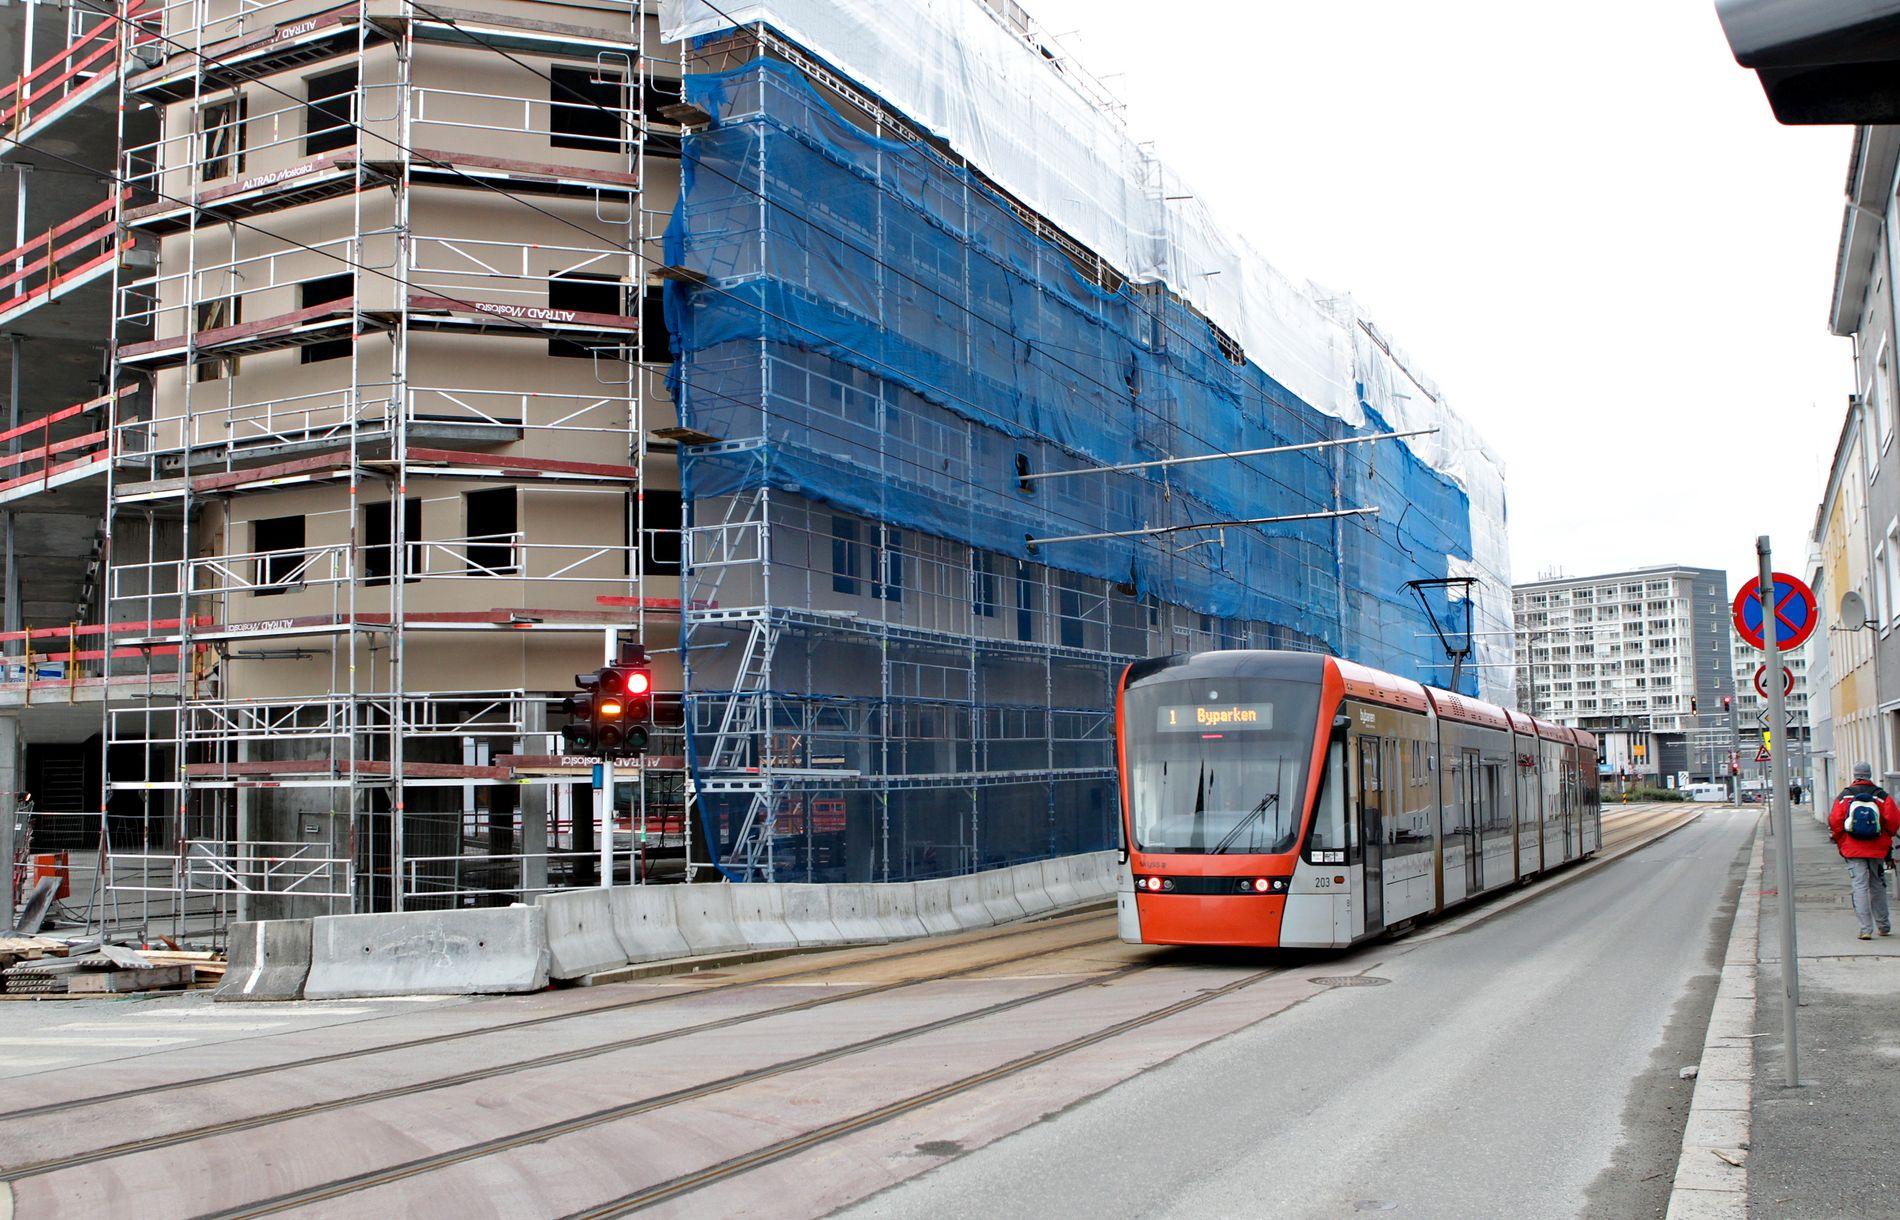 MANGFOLDIG BY: Knutepunktsfortettingen som pågår i Bergen gjør at det bygges mange nye leiligheter for studenter og eldre, men få for familier, mener innsenderen.